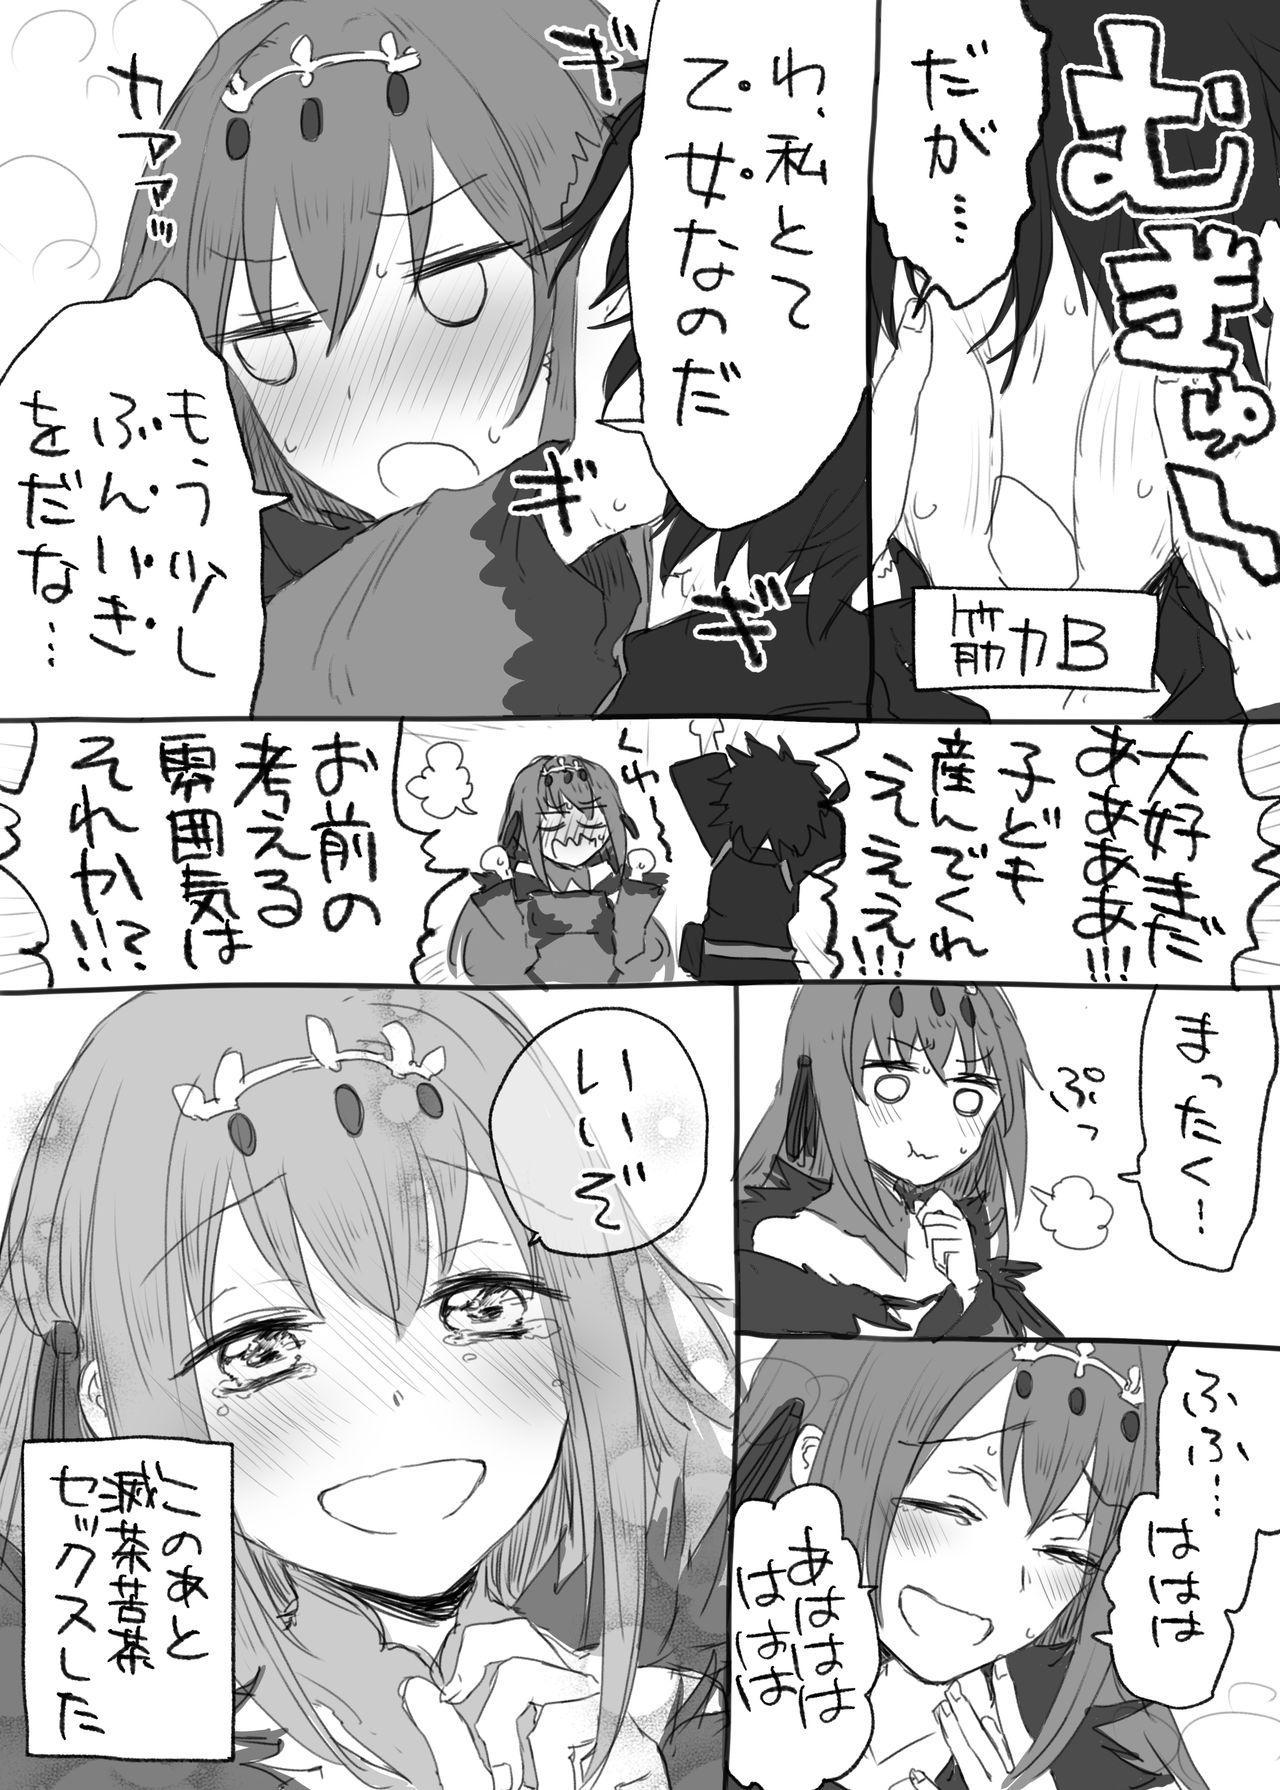 Uchi no Servant ni Haramasex shitaitte Itte mita 57